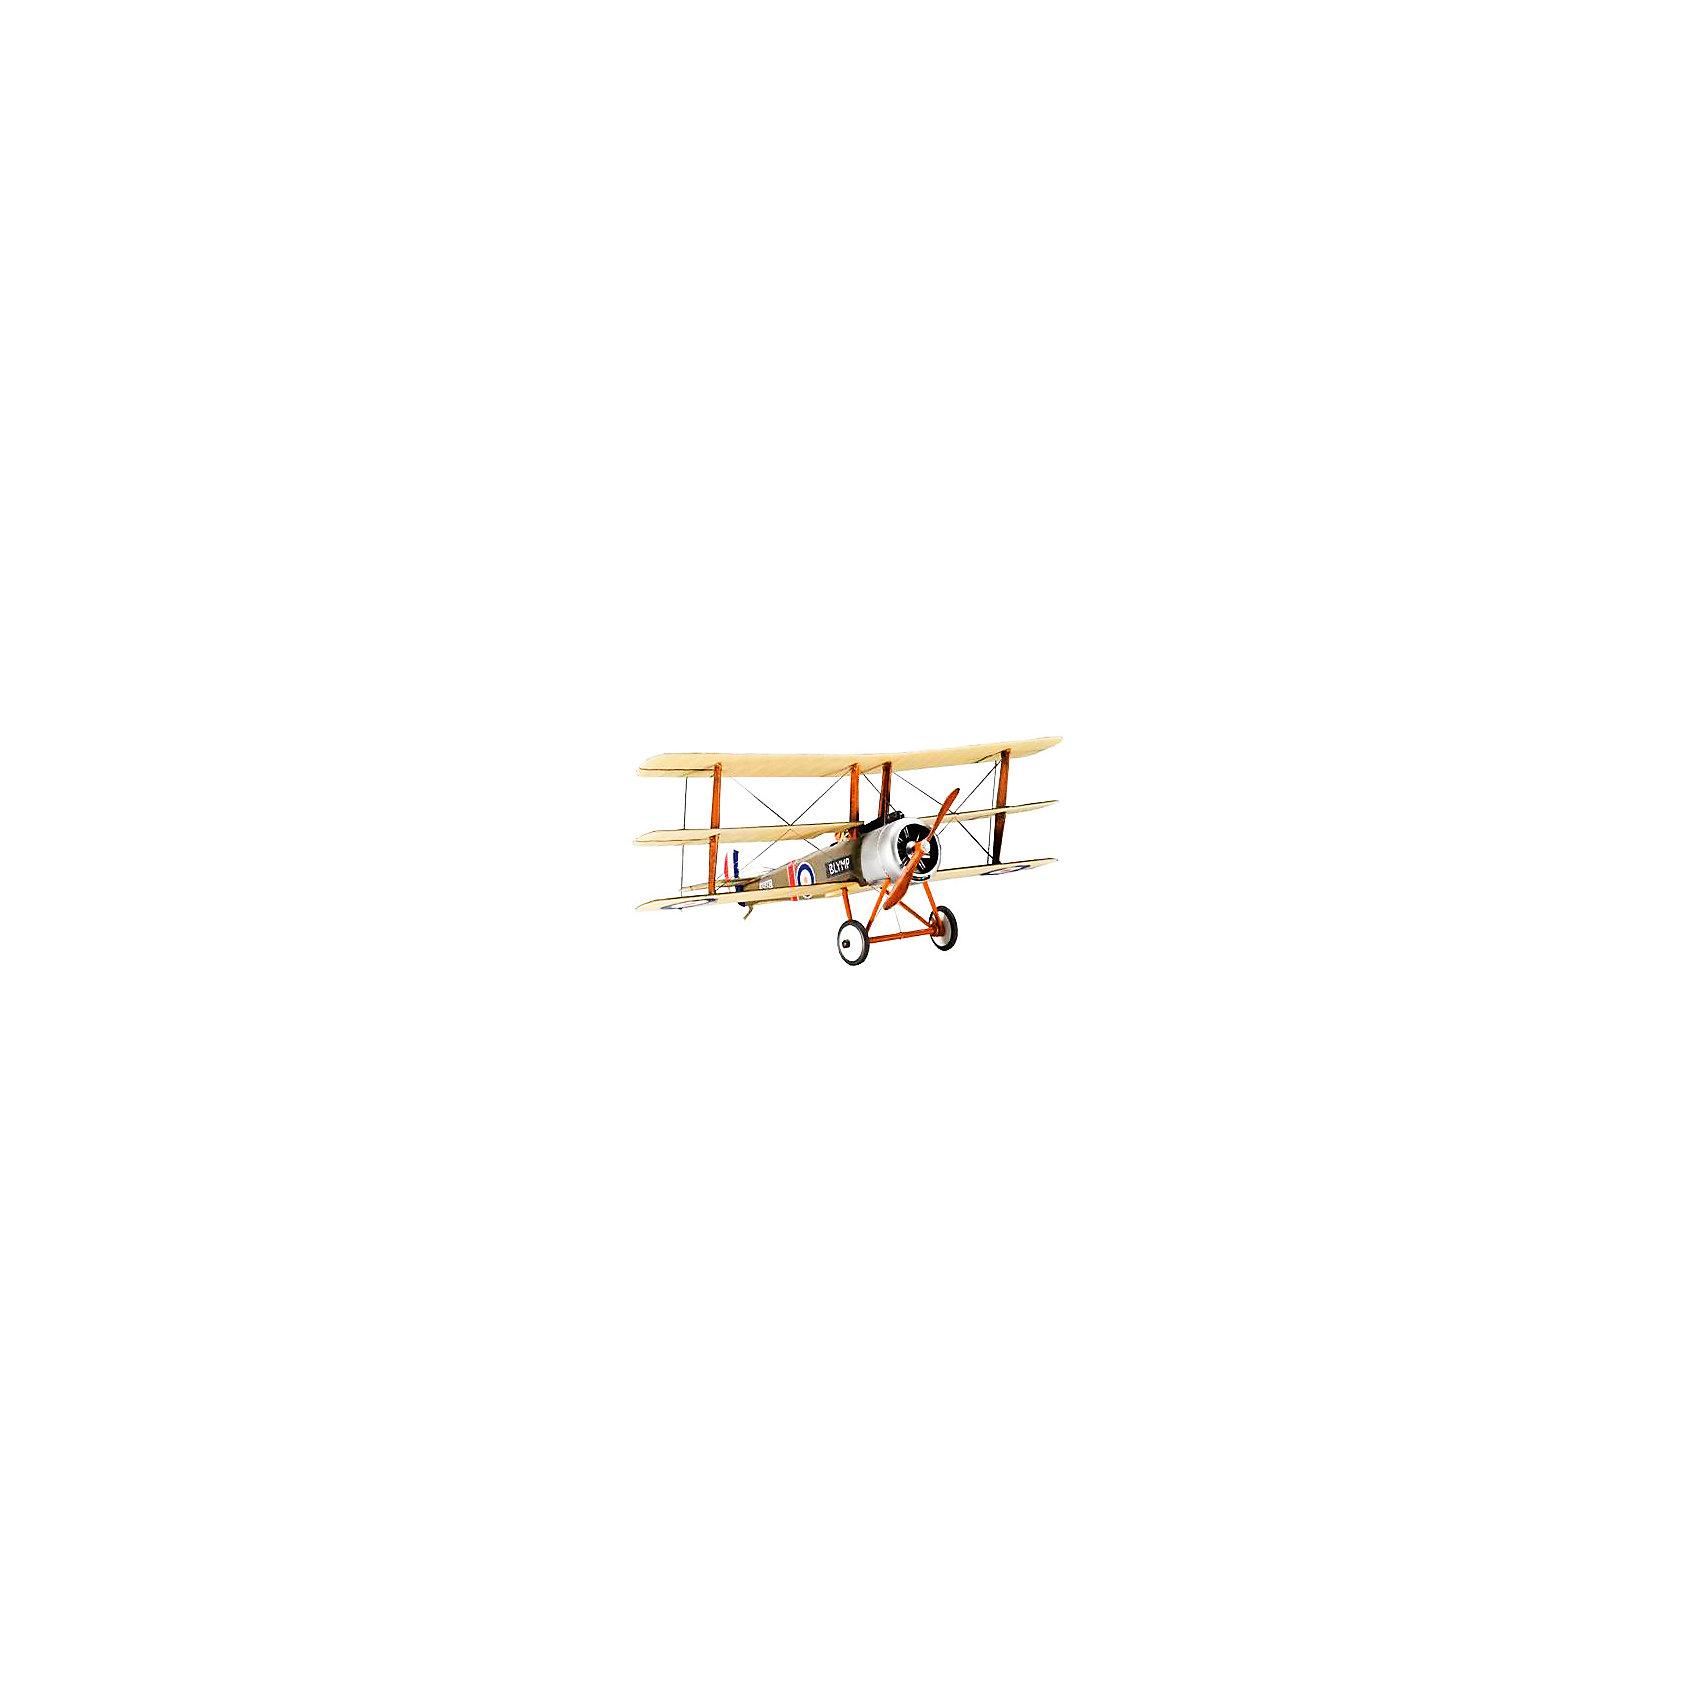 Ретро-истребитель Sopwith Triplane (1/72)Самолёты и вертолёты<br>Сборная модель британского триплана Sopwith. Истребитель Первой мировой. Применялся летчиками стран Антанты, в том числе пилотами Российской Империи. Всего было произведено 147 машин <br>Масштаб: 1:72 <br>Длина модели: 8,3 см <br>Размах крыльев: 11,3 см <br>Количество деталей: 23 <br>Уровень сложности сборки: 3 <br>Клей и краски в комплект не входят<br><br>Ширина мм: 9999<br>Глубина мм: 9999<br>Высота мм: 9999<br>Вес г: 9999<br>Возраст от месяцев: 72<br>Возраст до месяцев: 1164<br>Пол: Мужской<br>Возраст: Детский<br>SKU: 1696199